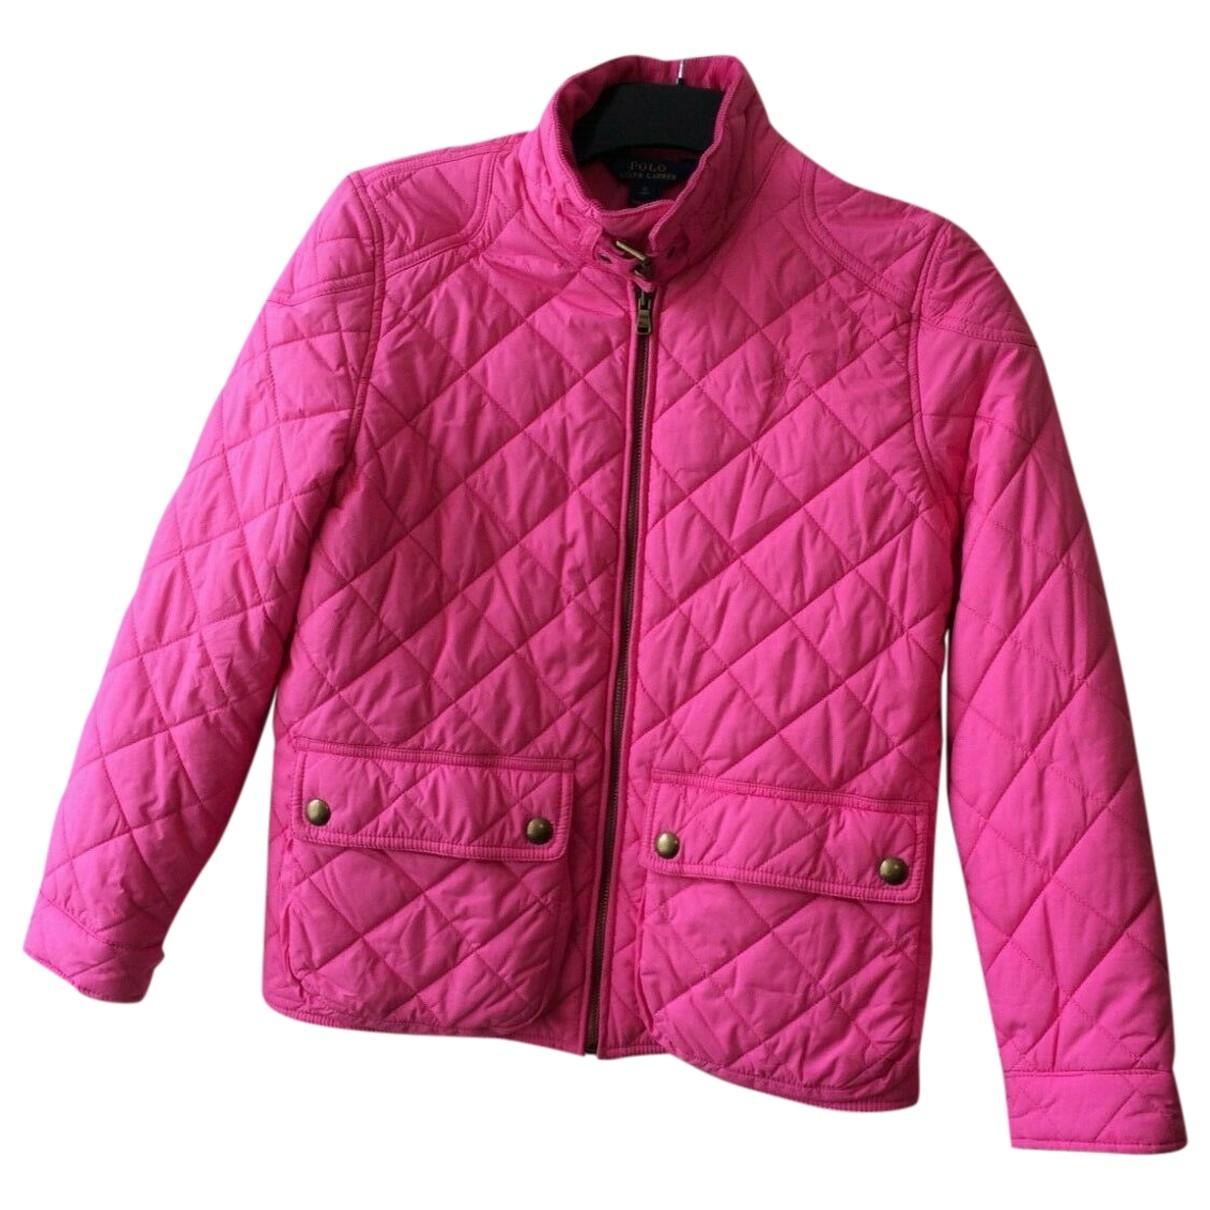 Polo Ralph Lauren - Blousons.Manteaux   pour enfant - rose